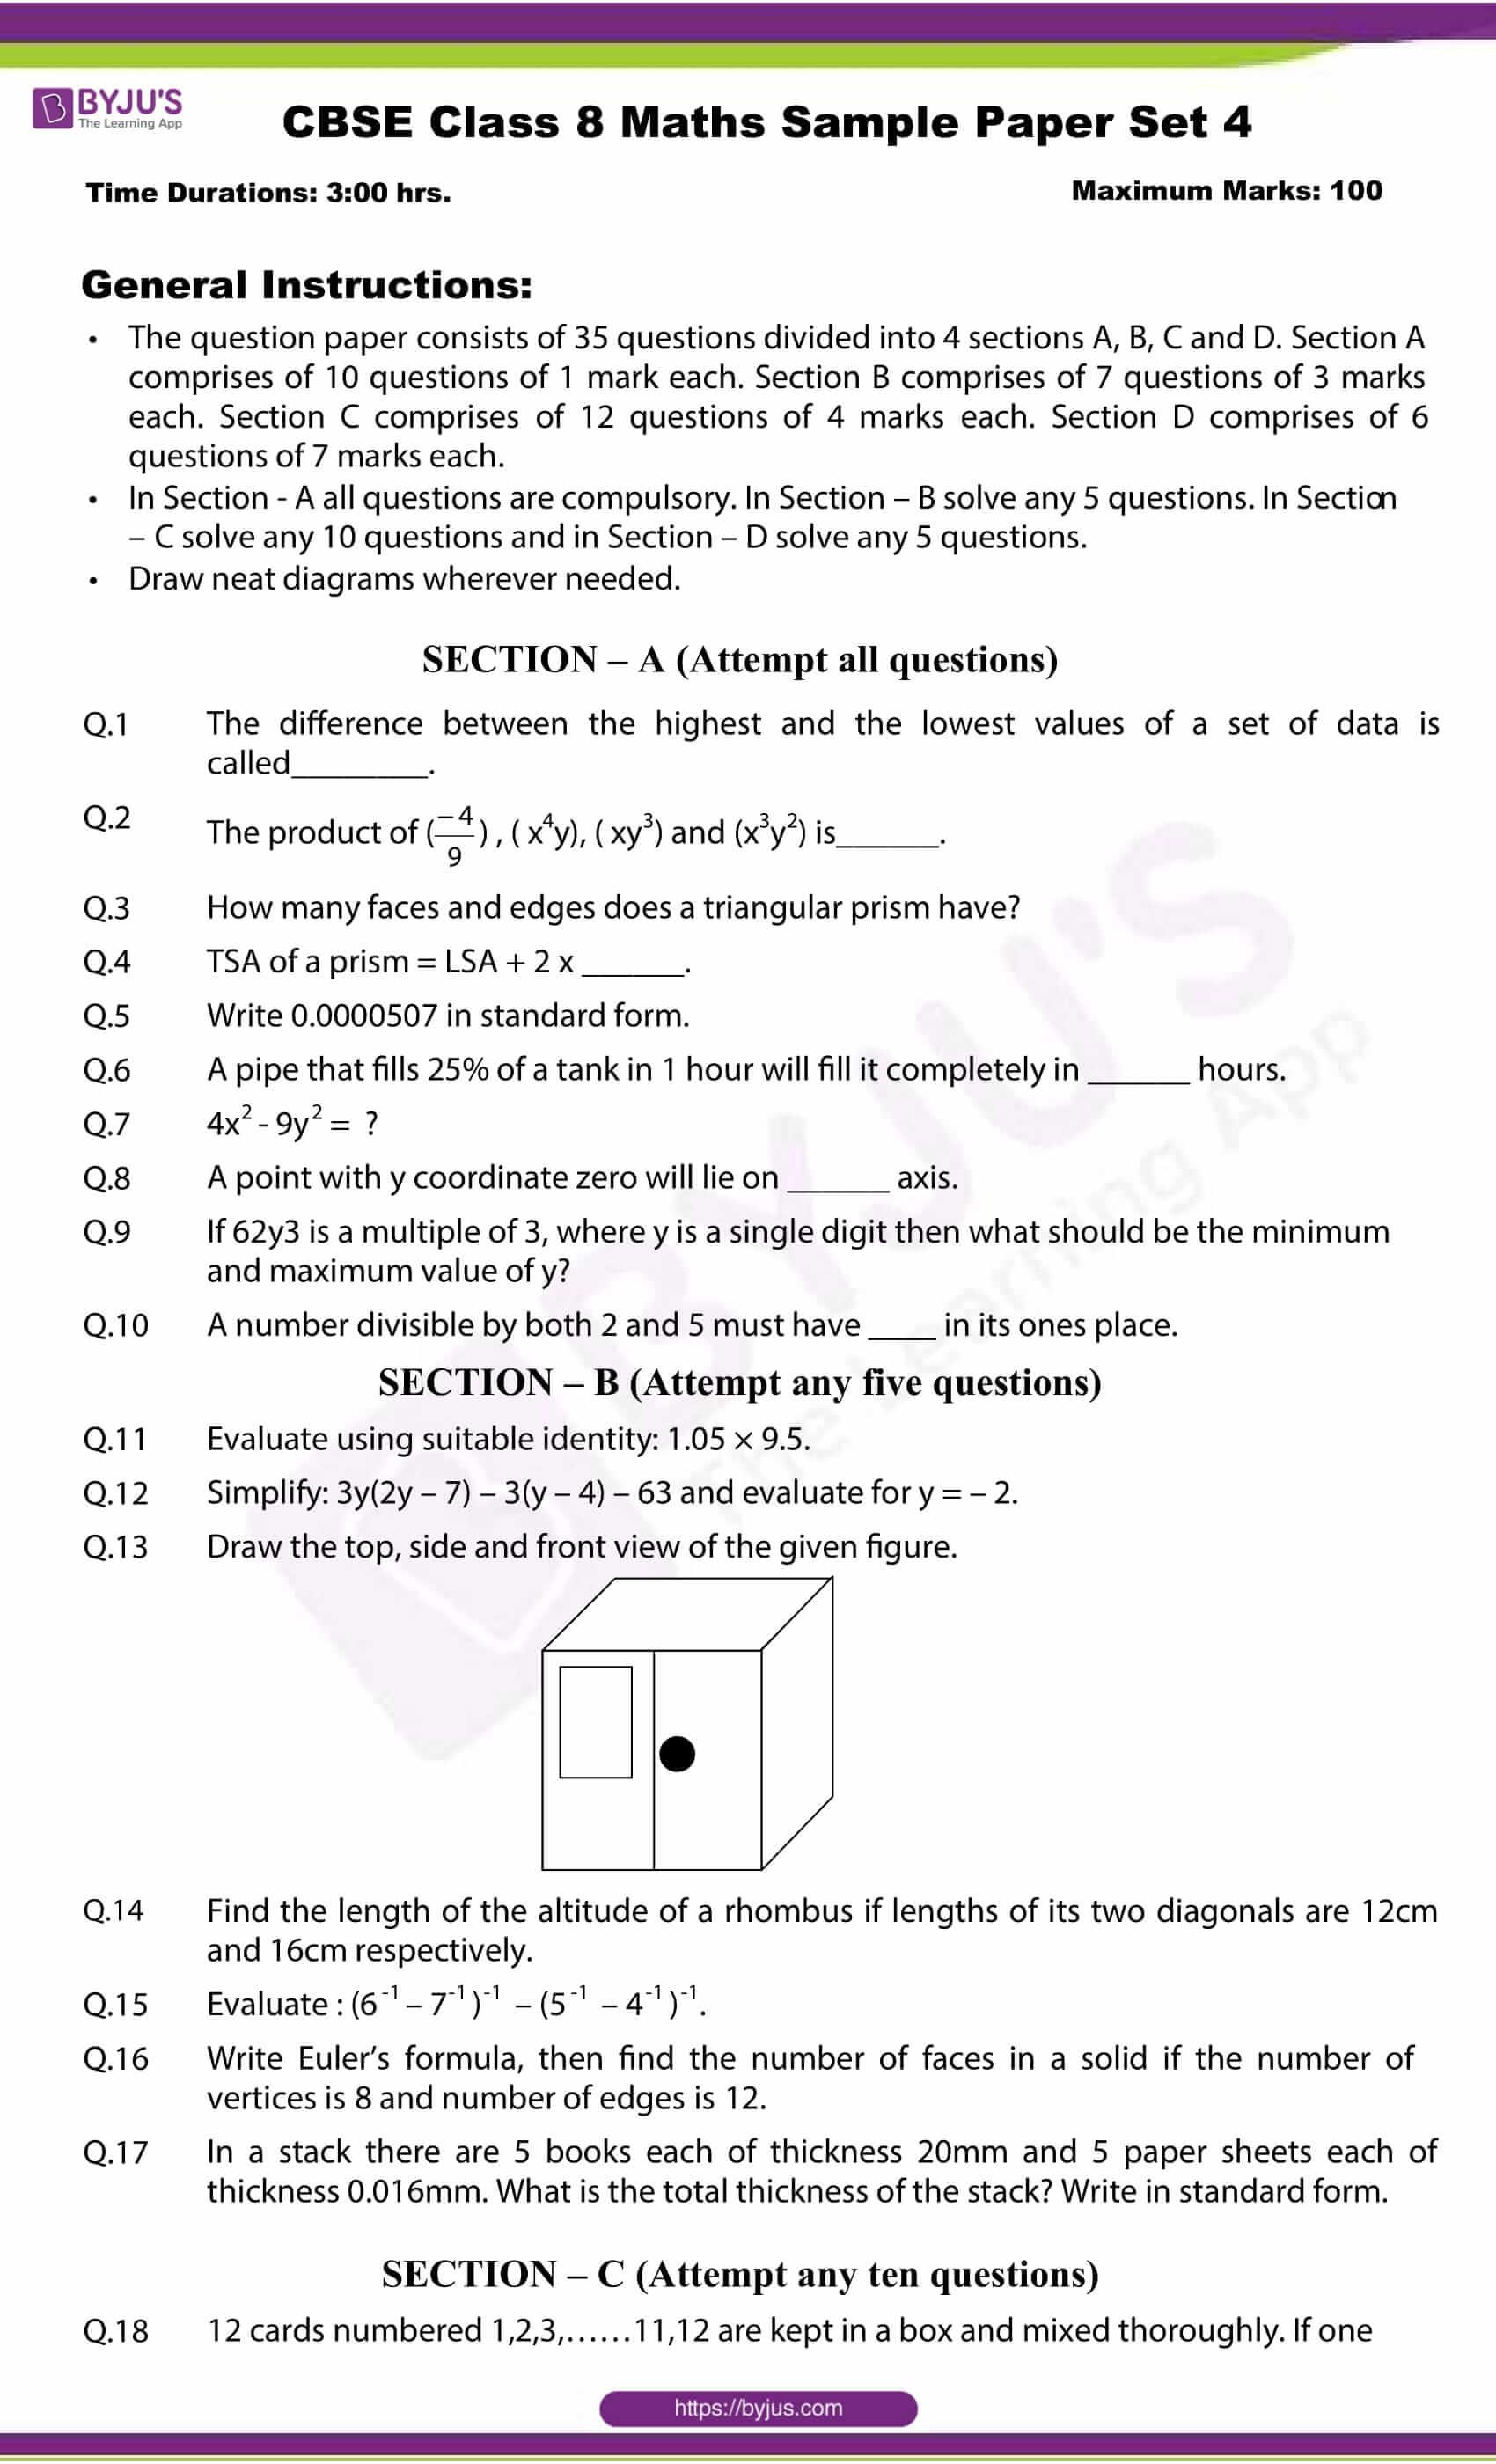 cbse class 8 maths sample paper set 4